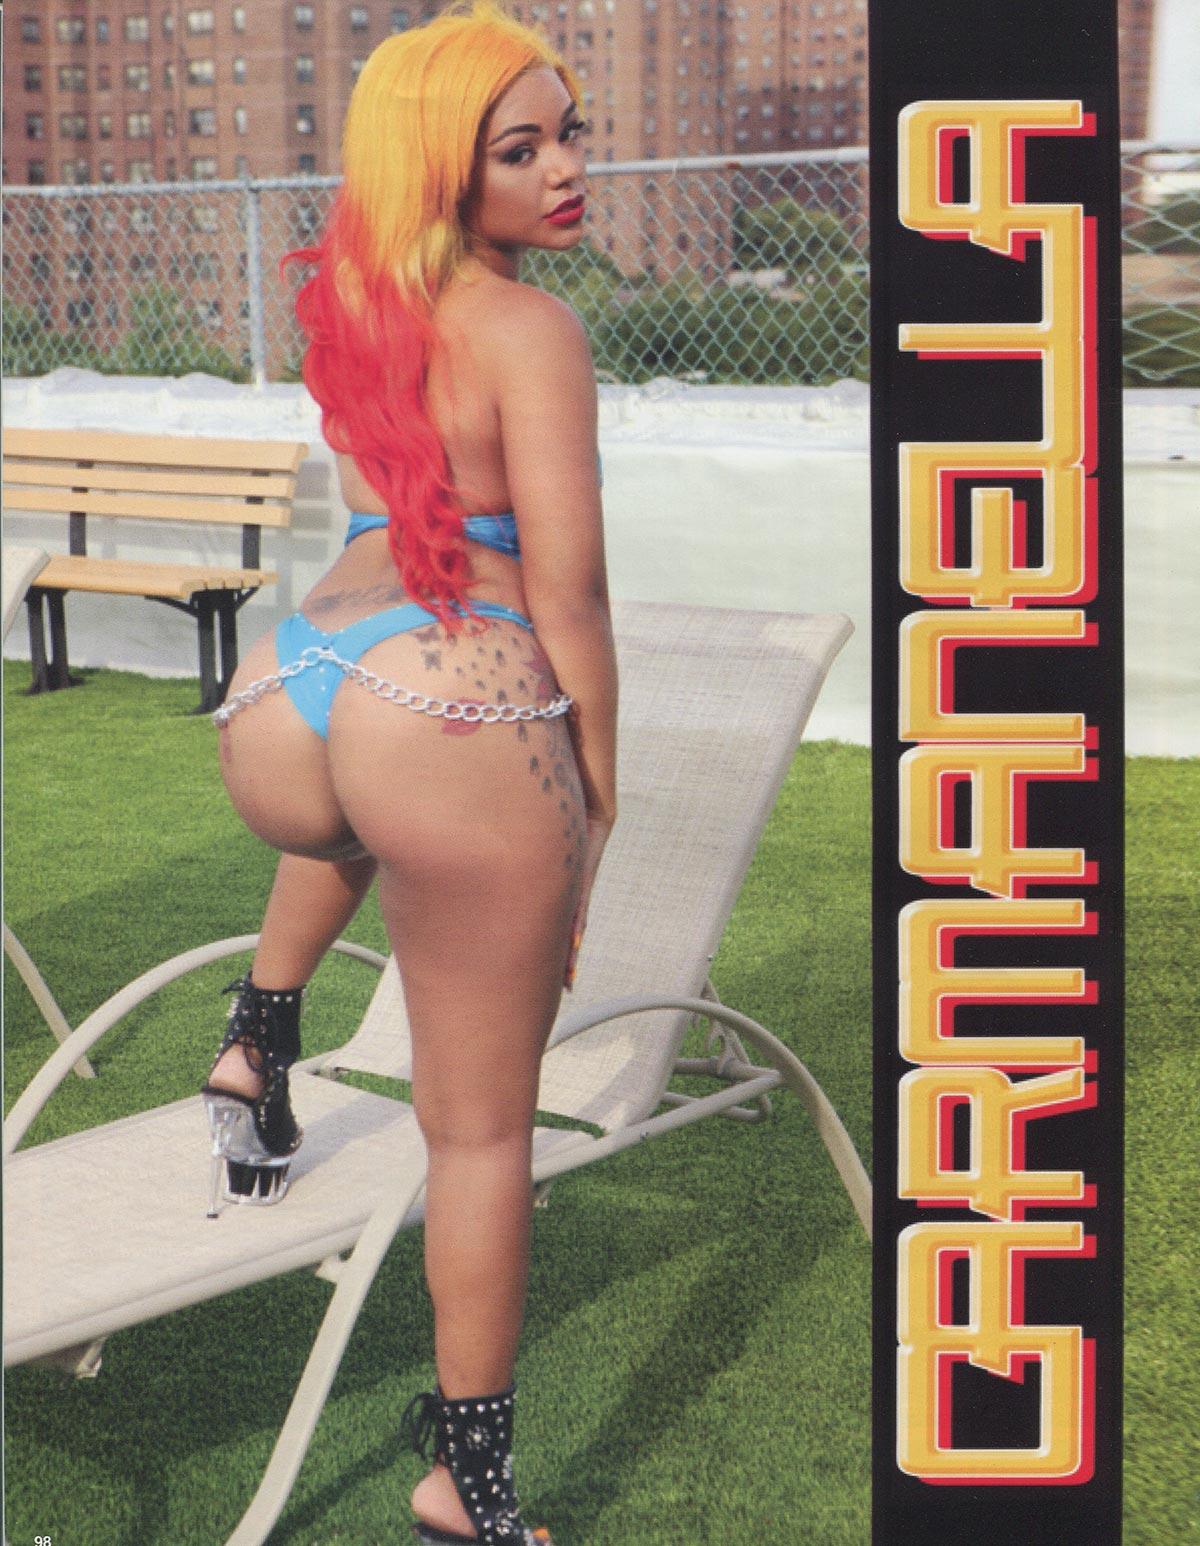 Carmenella @Carmenellas_World in Straight Stuntin Issue 34